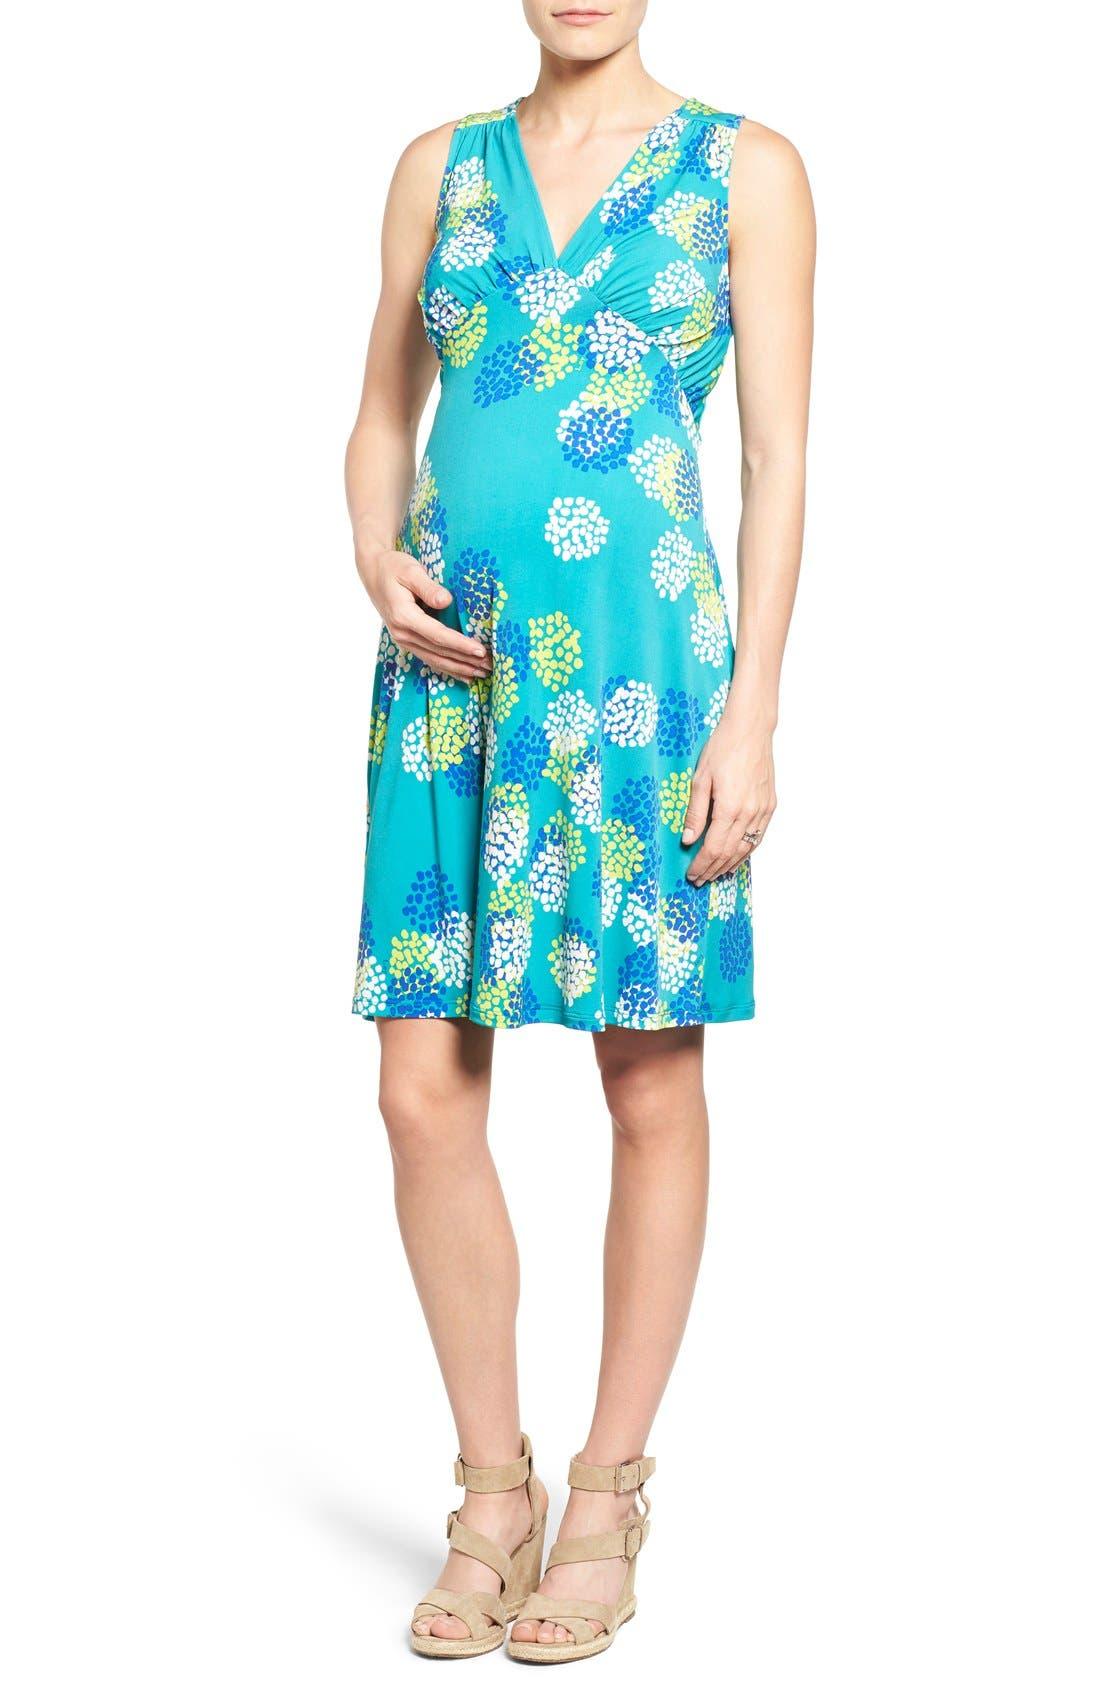 Leota Blue Maternity Clothes: Jeans, Dresses, Tops, Coats & More ...